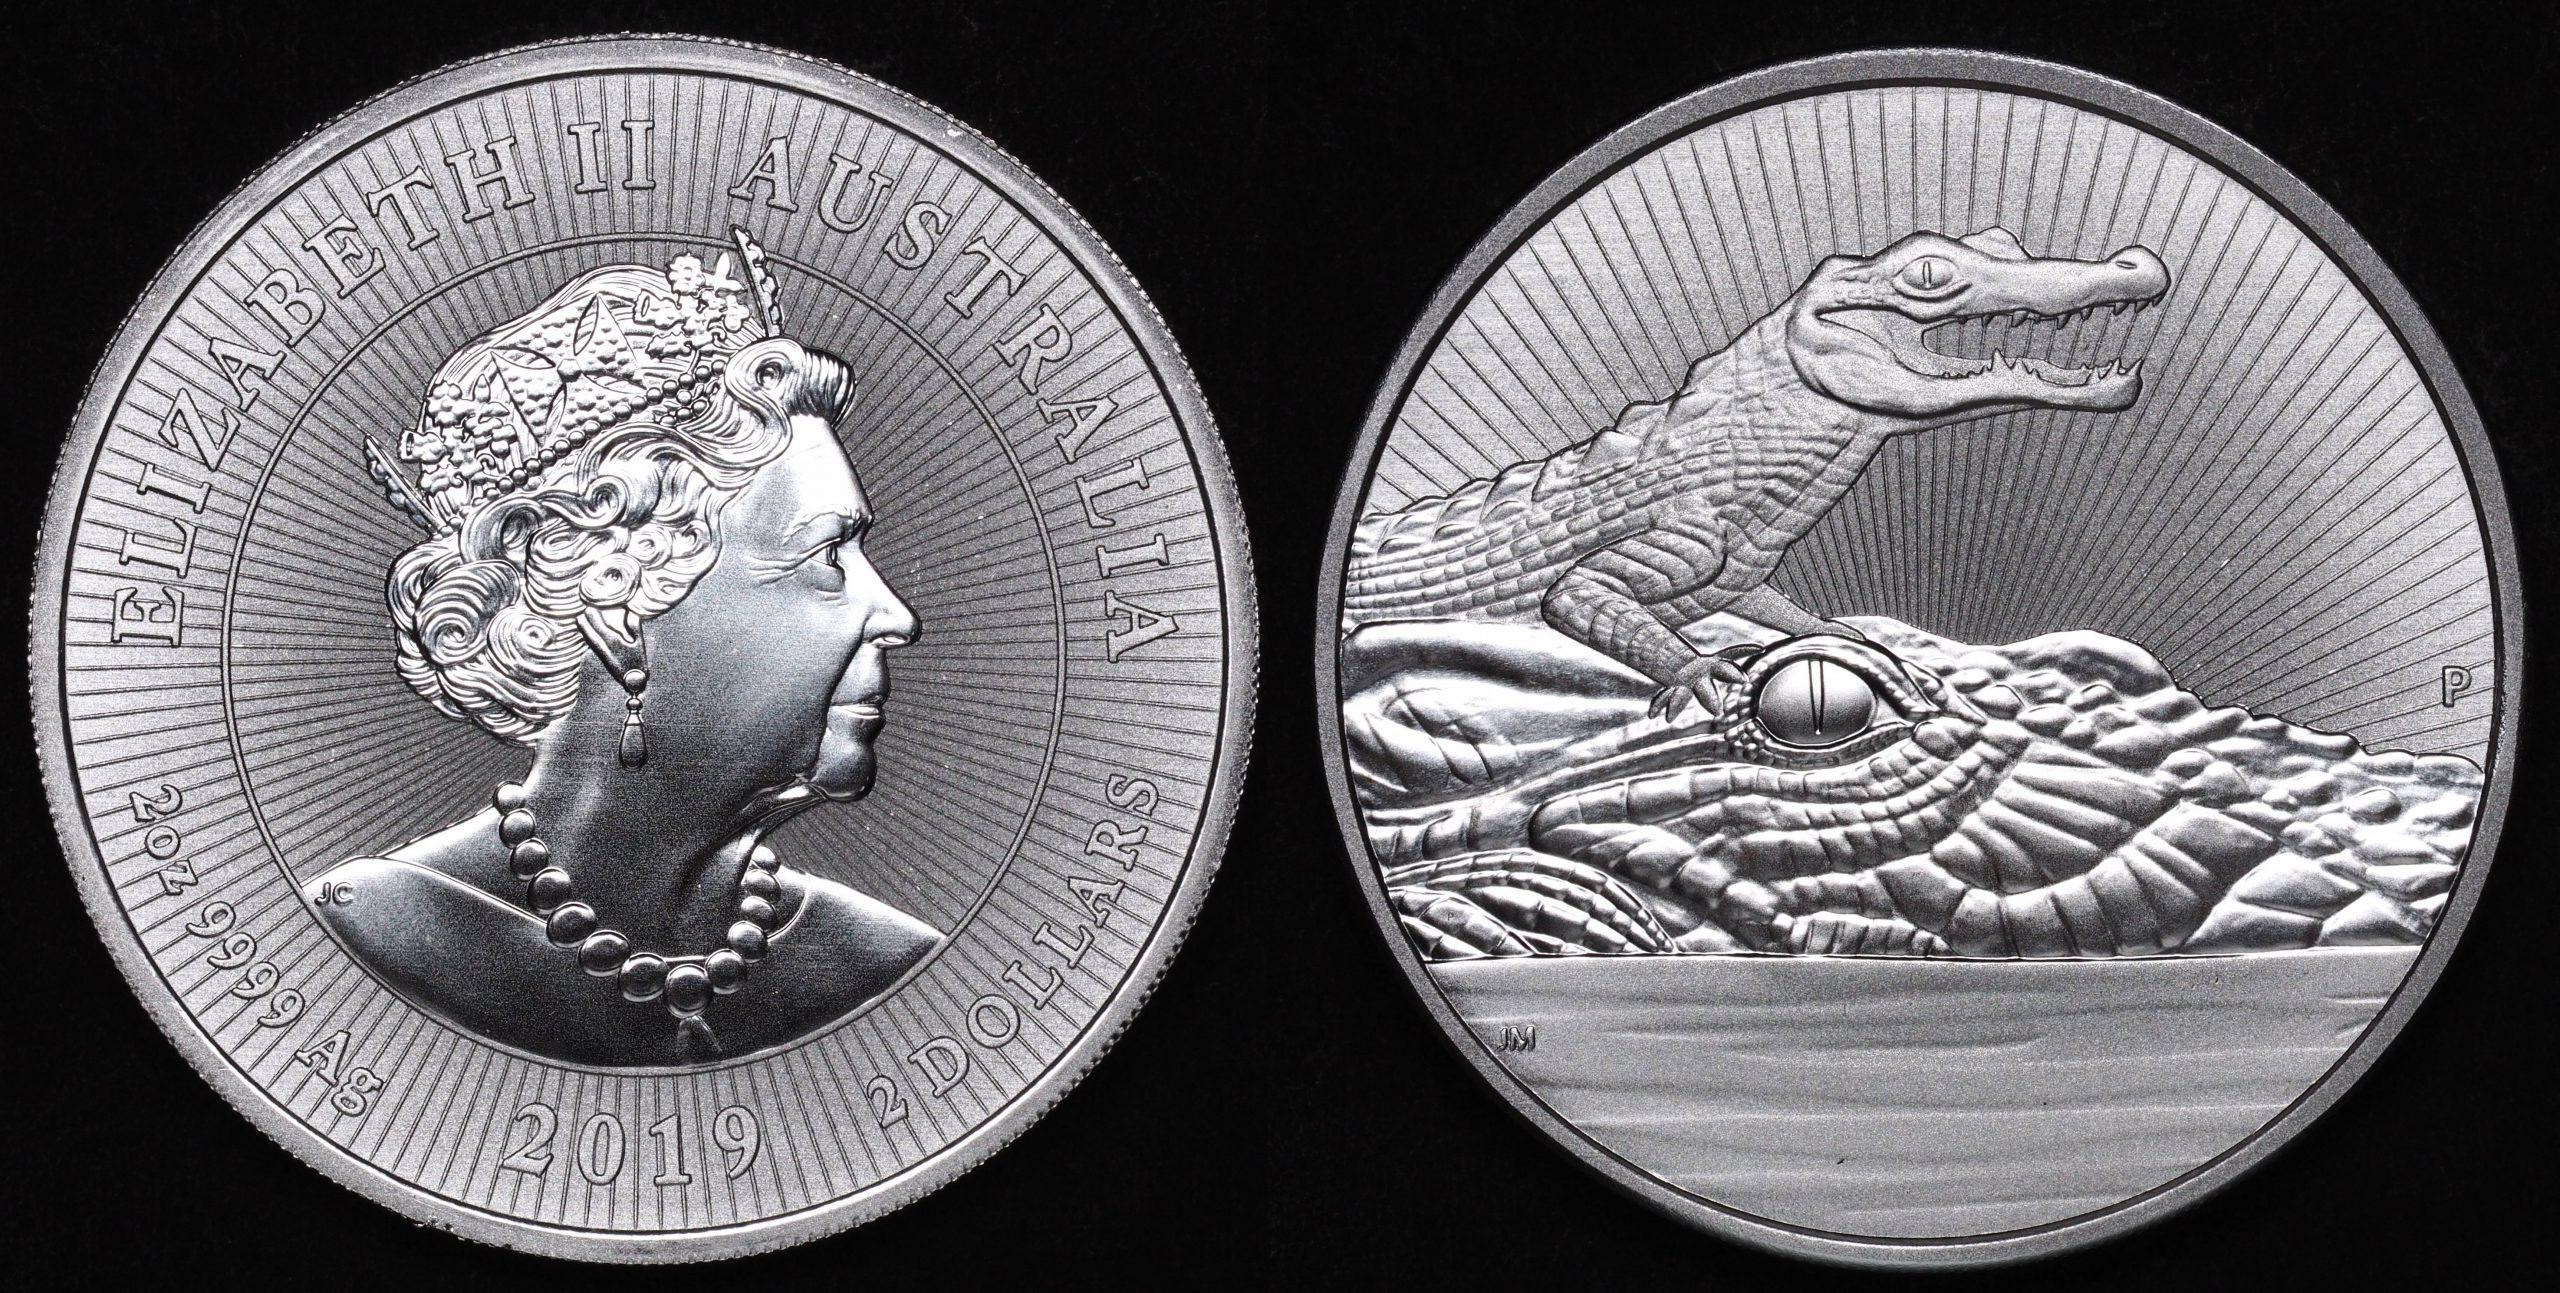 Australia 2019 2oz Silver Coins - 10 Coin Mint Tube